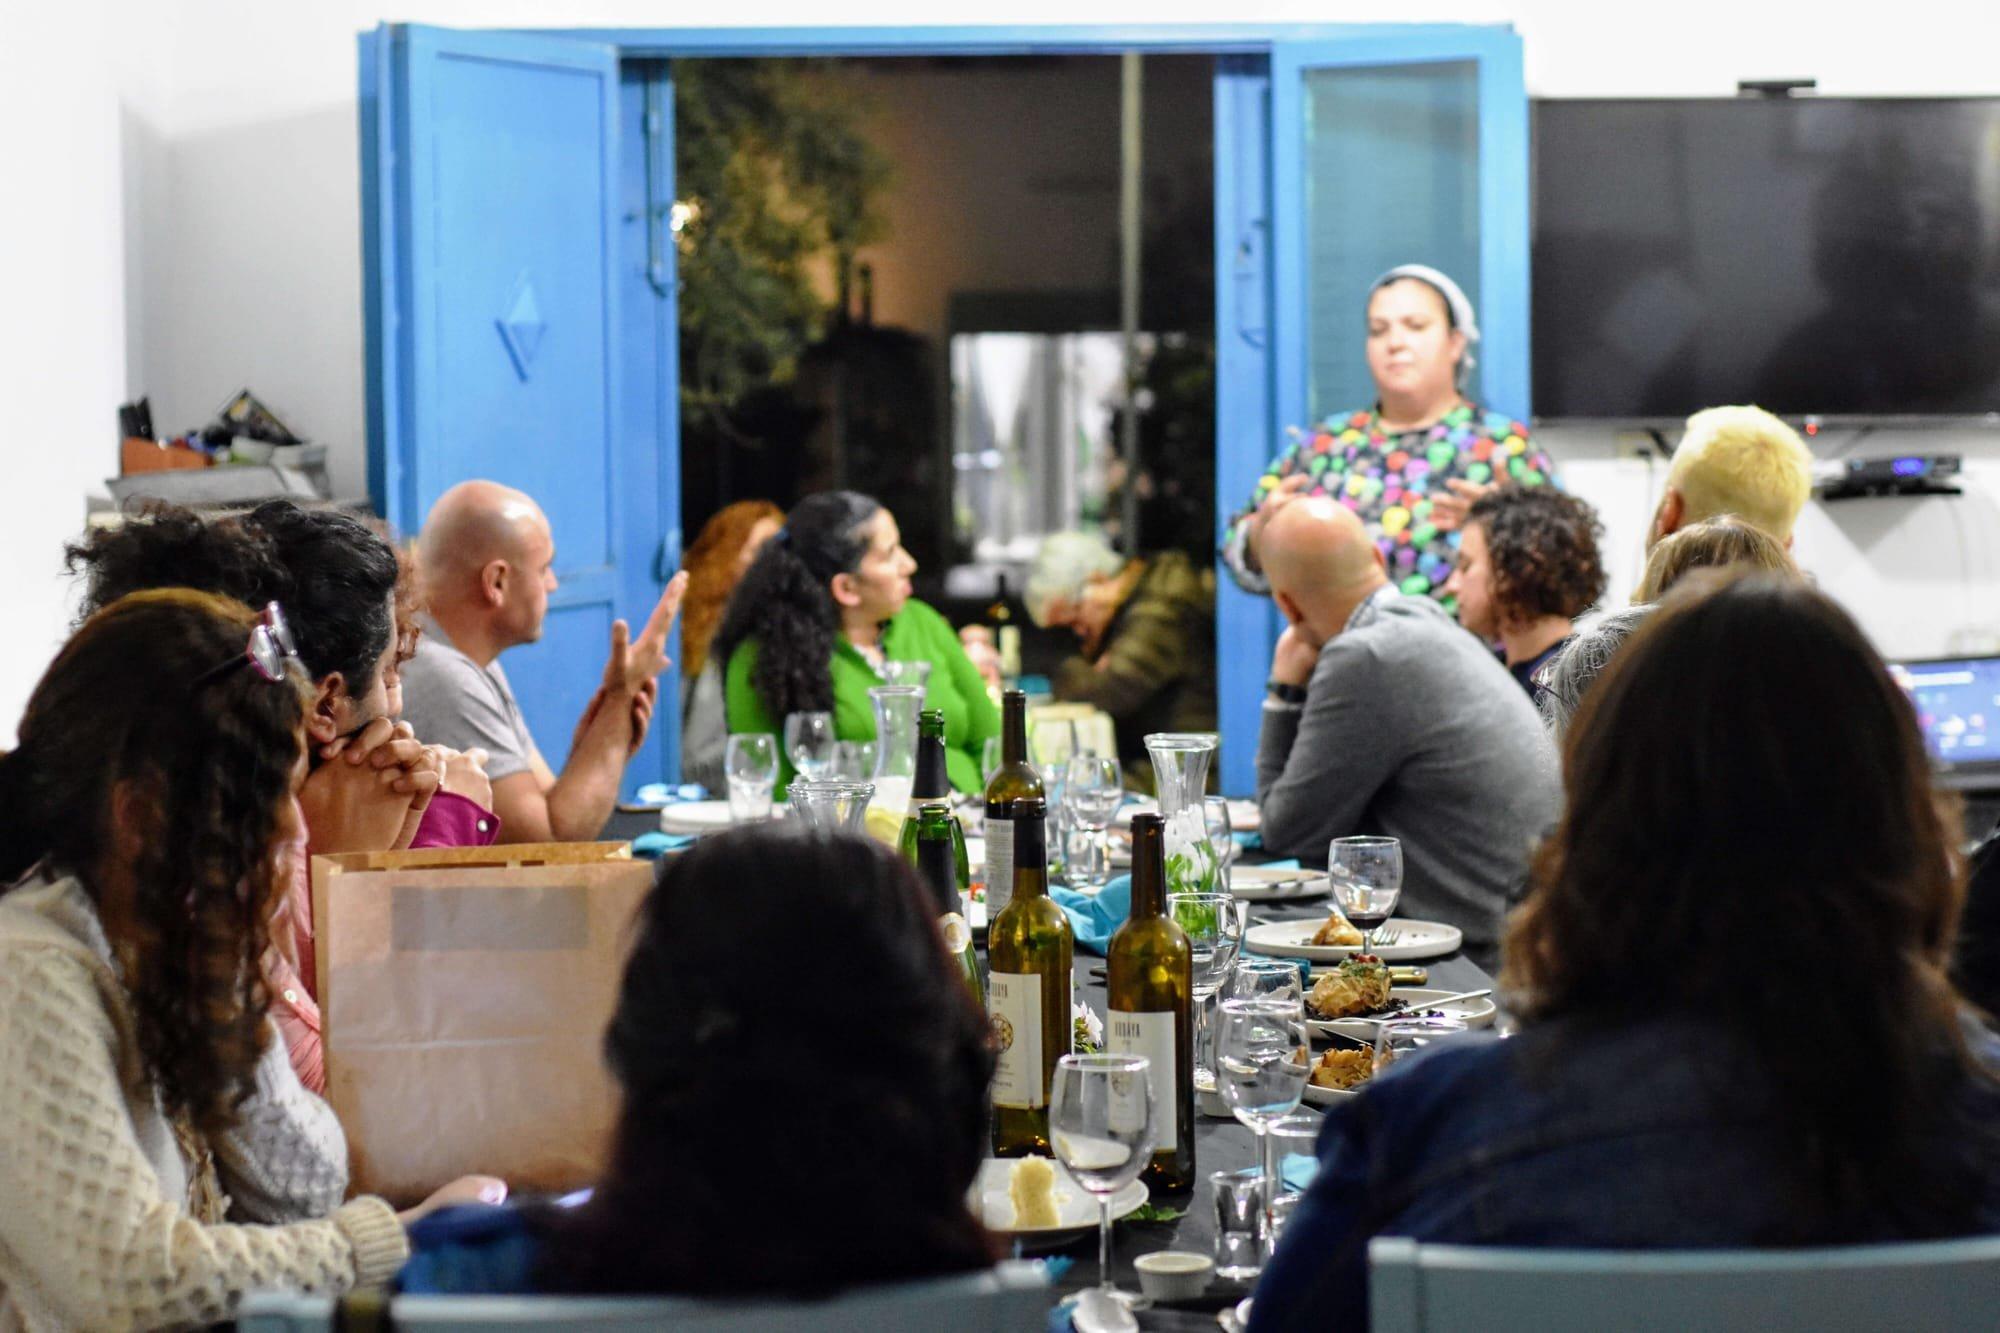 ליליה - אוכל טבעוני מפתיע, סדנאות אוכל בבאר סבע והסביבה, בישול טבעוני, סדנאות אוכל, ארוחות שף קונספט, בת עמי בוזגלו